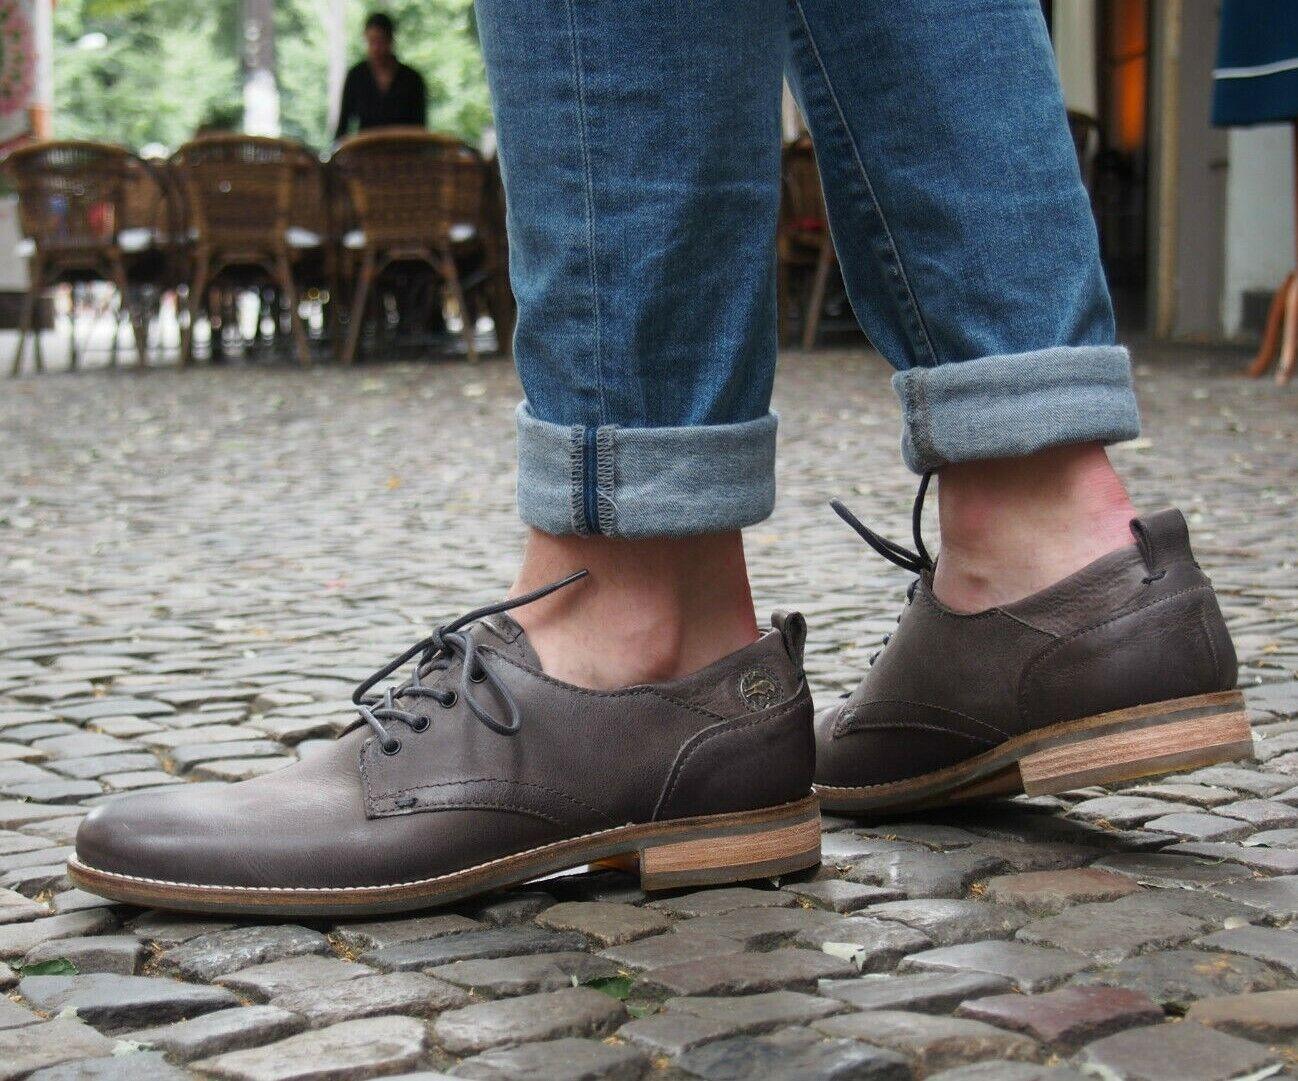 MJUS Schuhe NEU Schnürschuhe 486101 smog grau Echtleder AirStep AS89 Halbschuhe